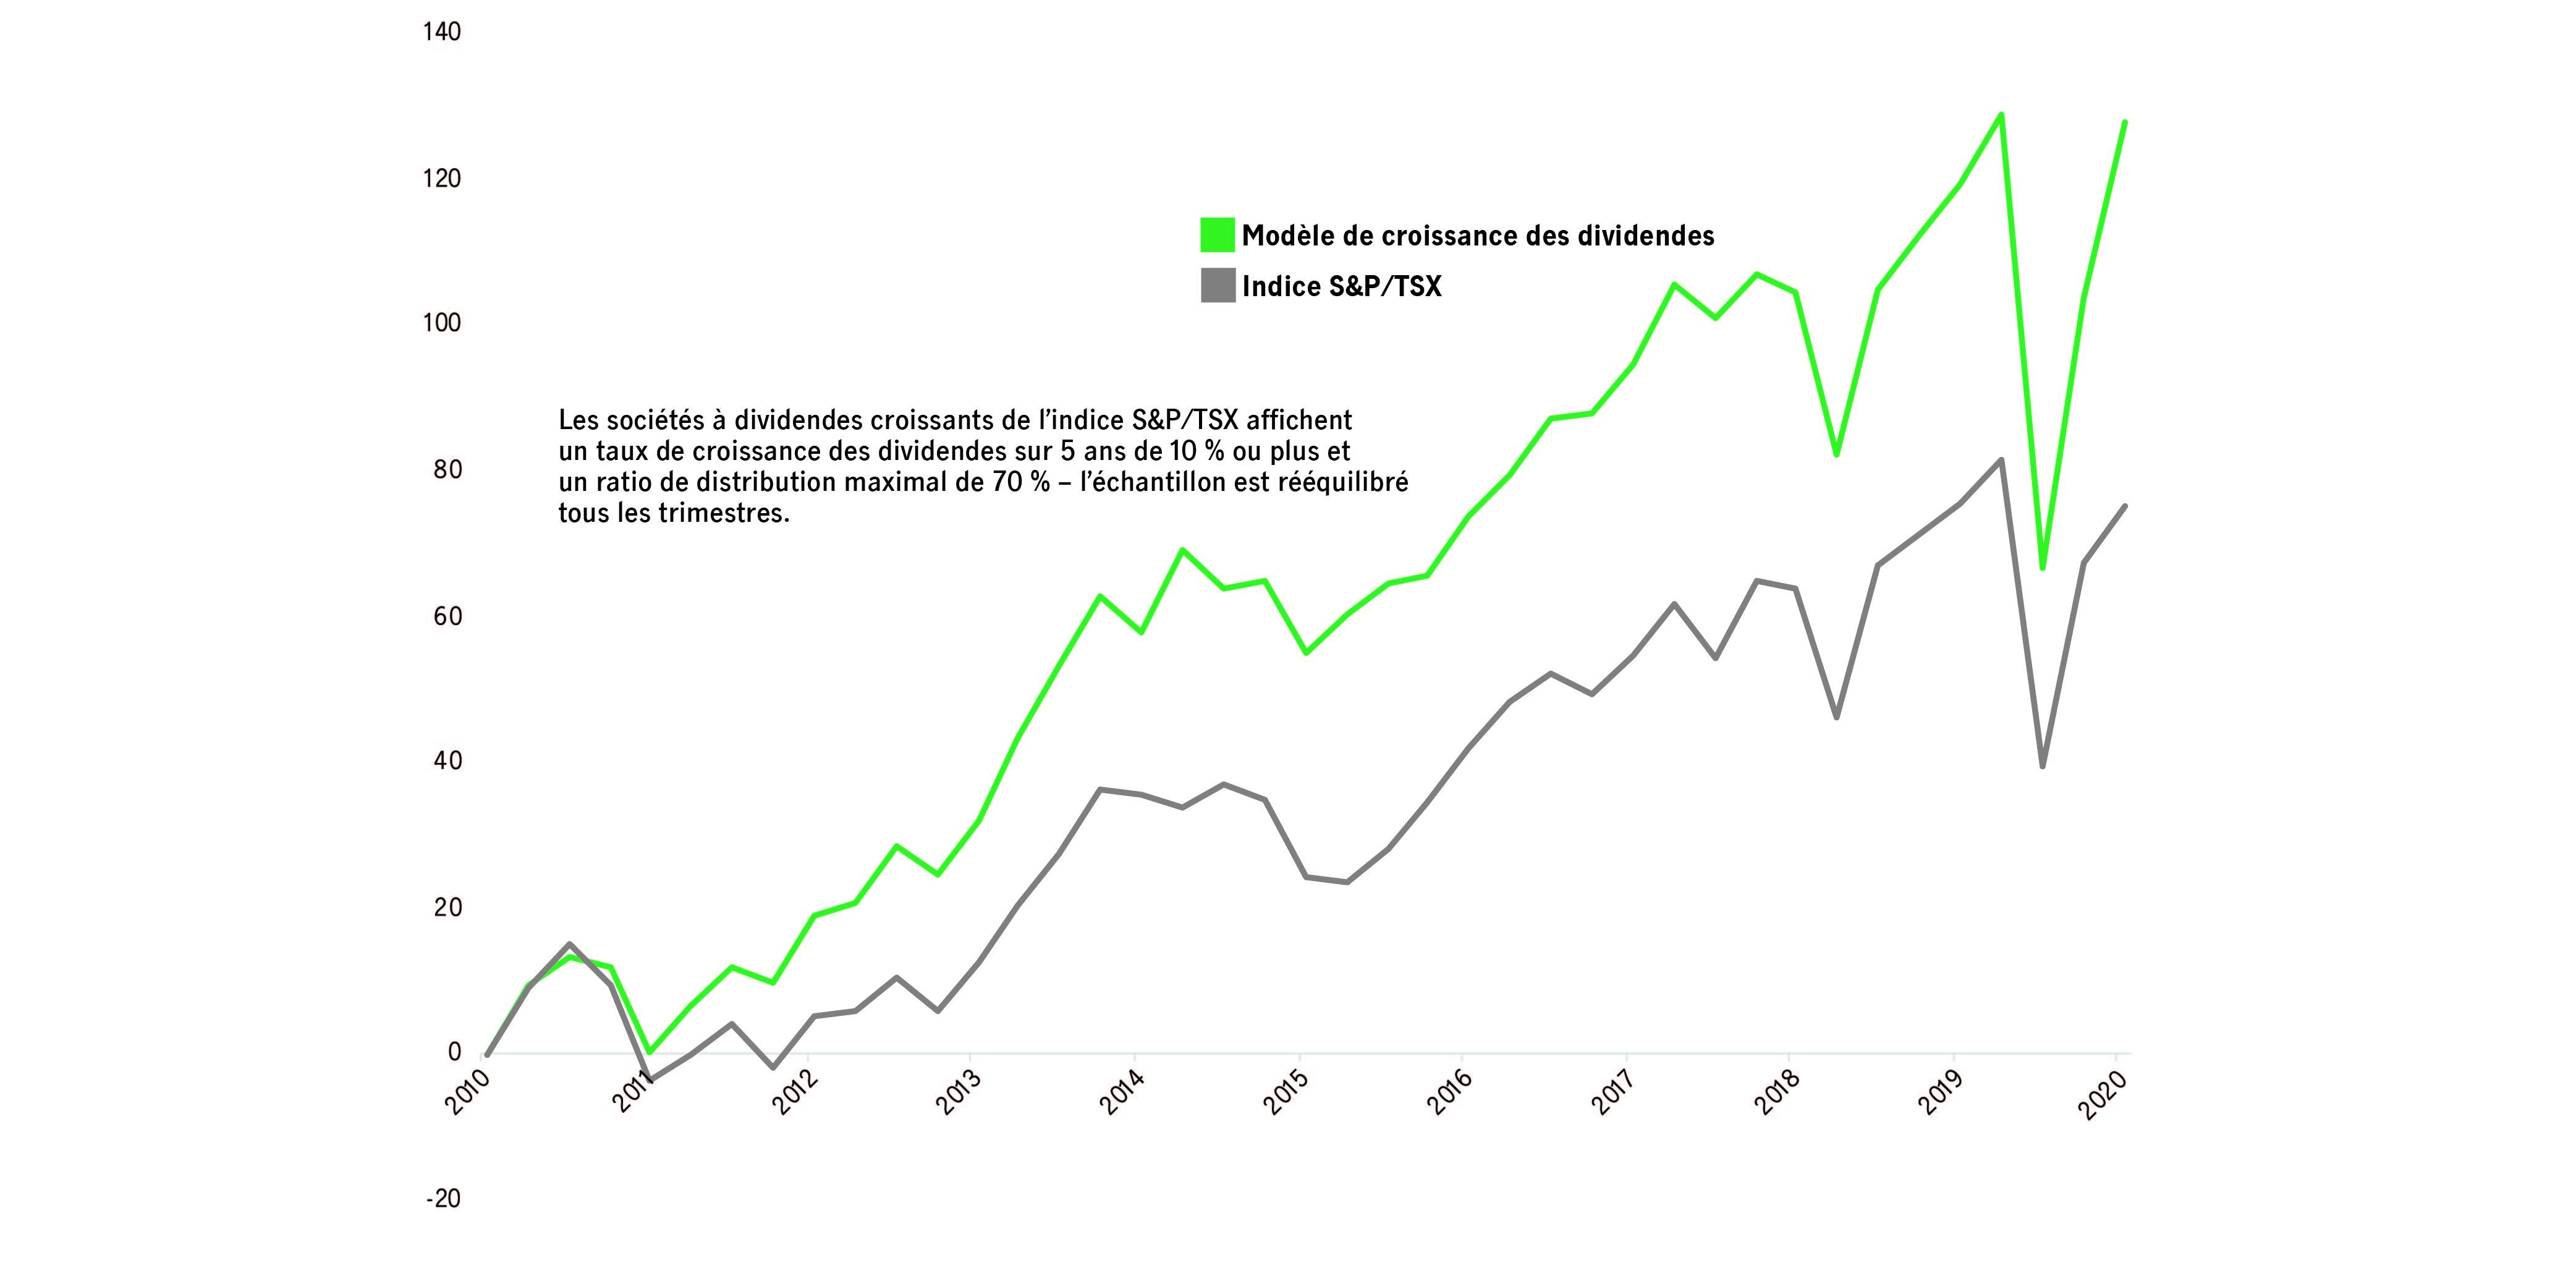 Ce graphique compare notre modèle de croissance des dividendes au rendement cumulatif de l'indice composé S&P/TSX de 2010 à 2020. Il existe une forte corrélation entre l'orientation des deux puisque le modèle et l'indice indiquent une augmentation globale sur 12 mois de 2011 à 2020.